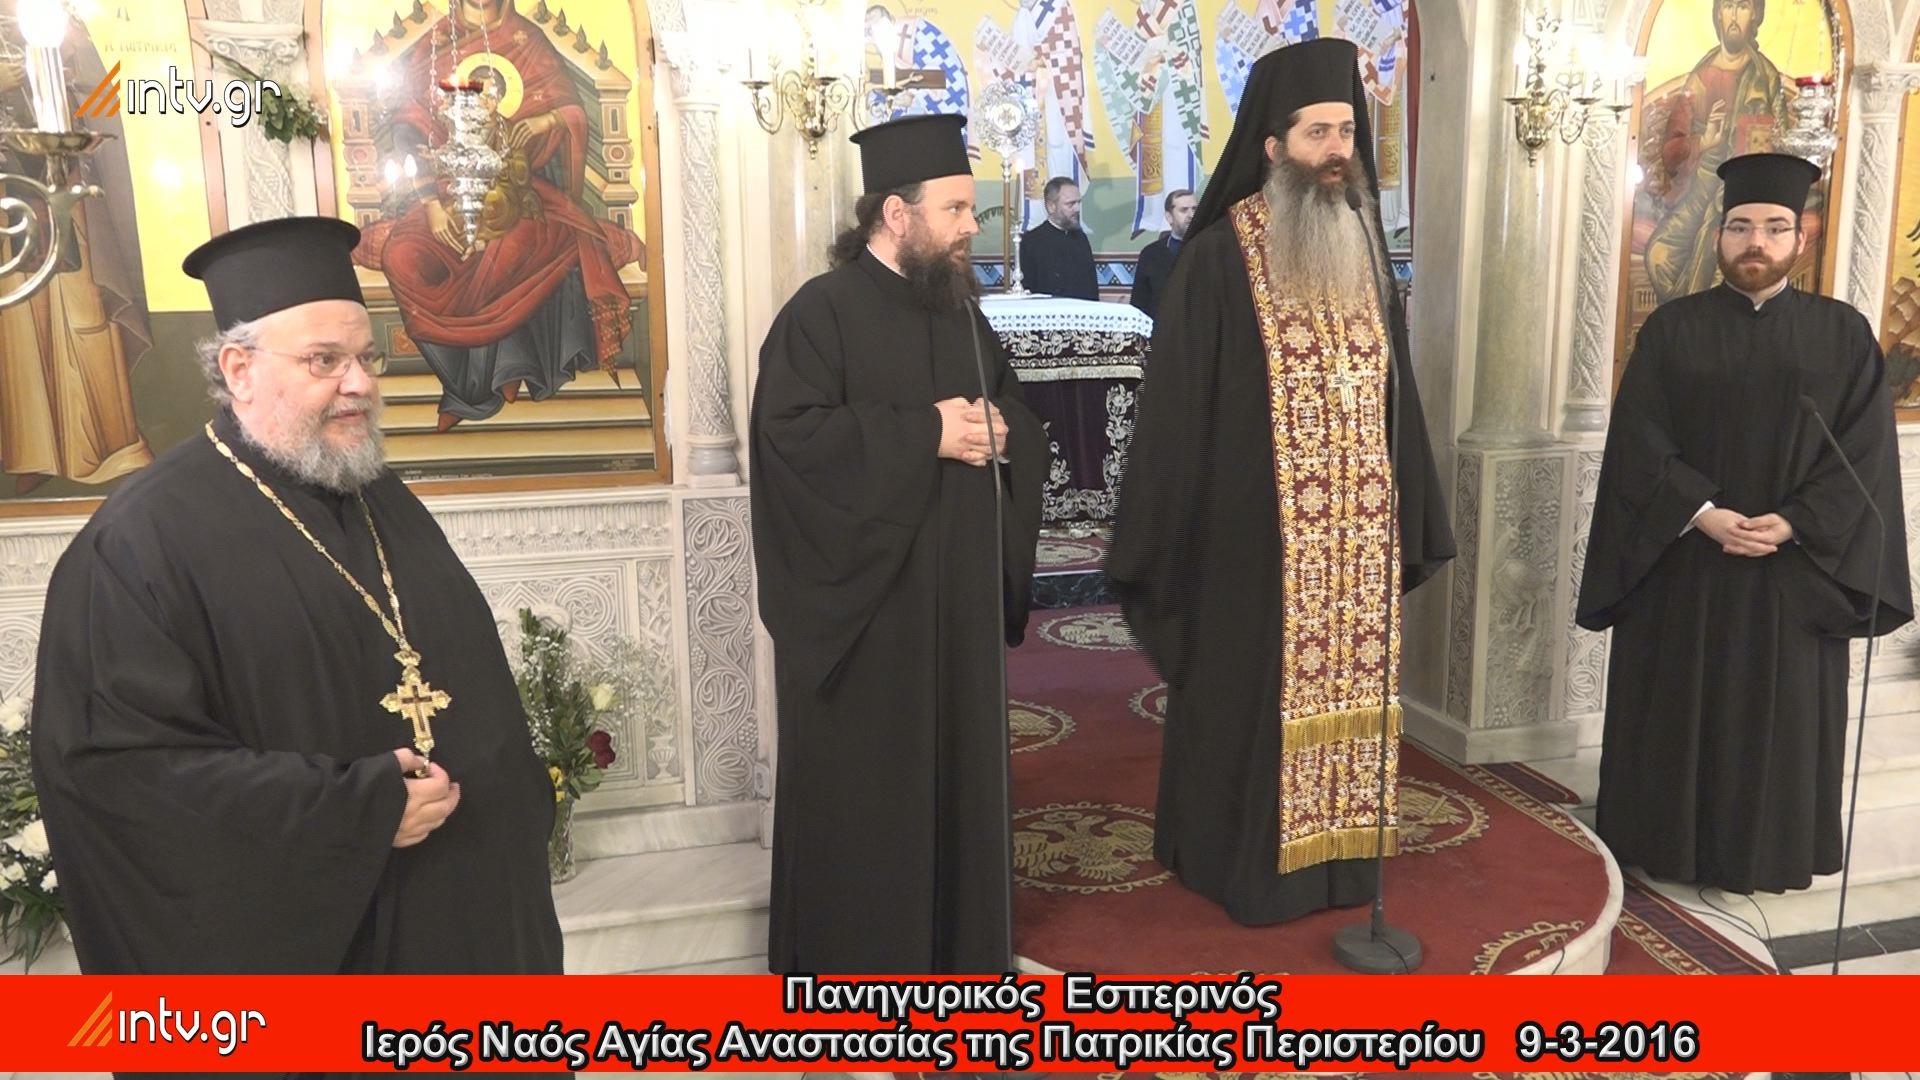 Πανηγυρικός  Εσπερινός - Ιερός Ναός Αγίας Αναστασίας της Πατρικίας Περιστερίου